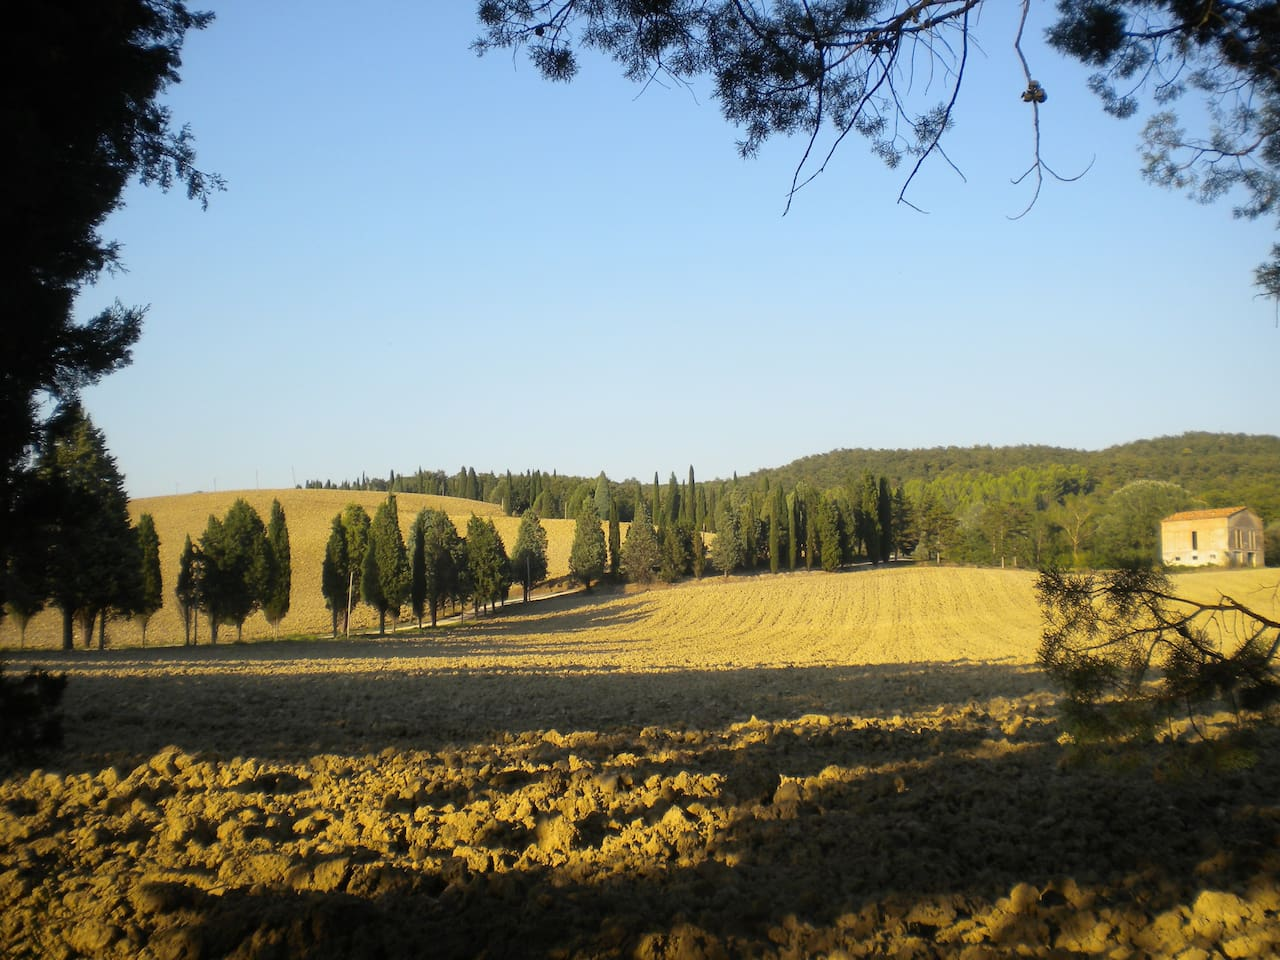 Landscape in valley below